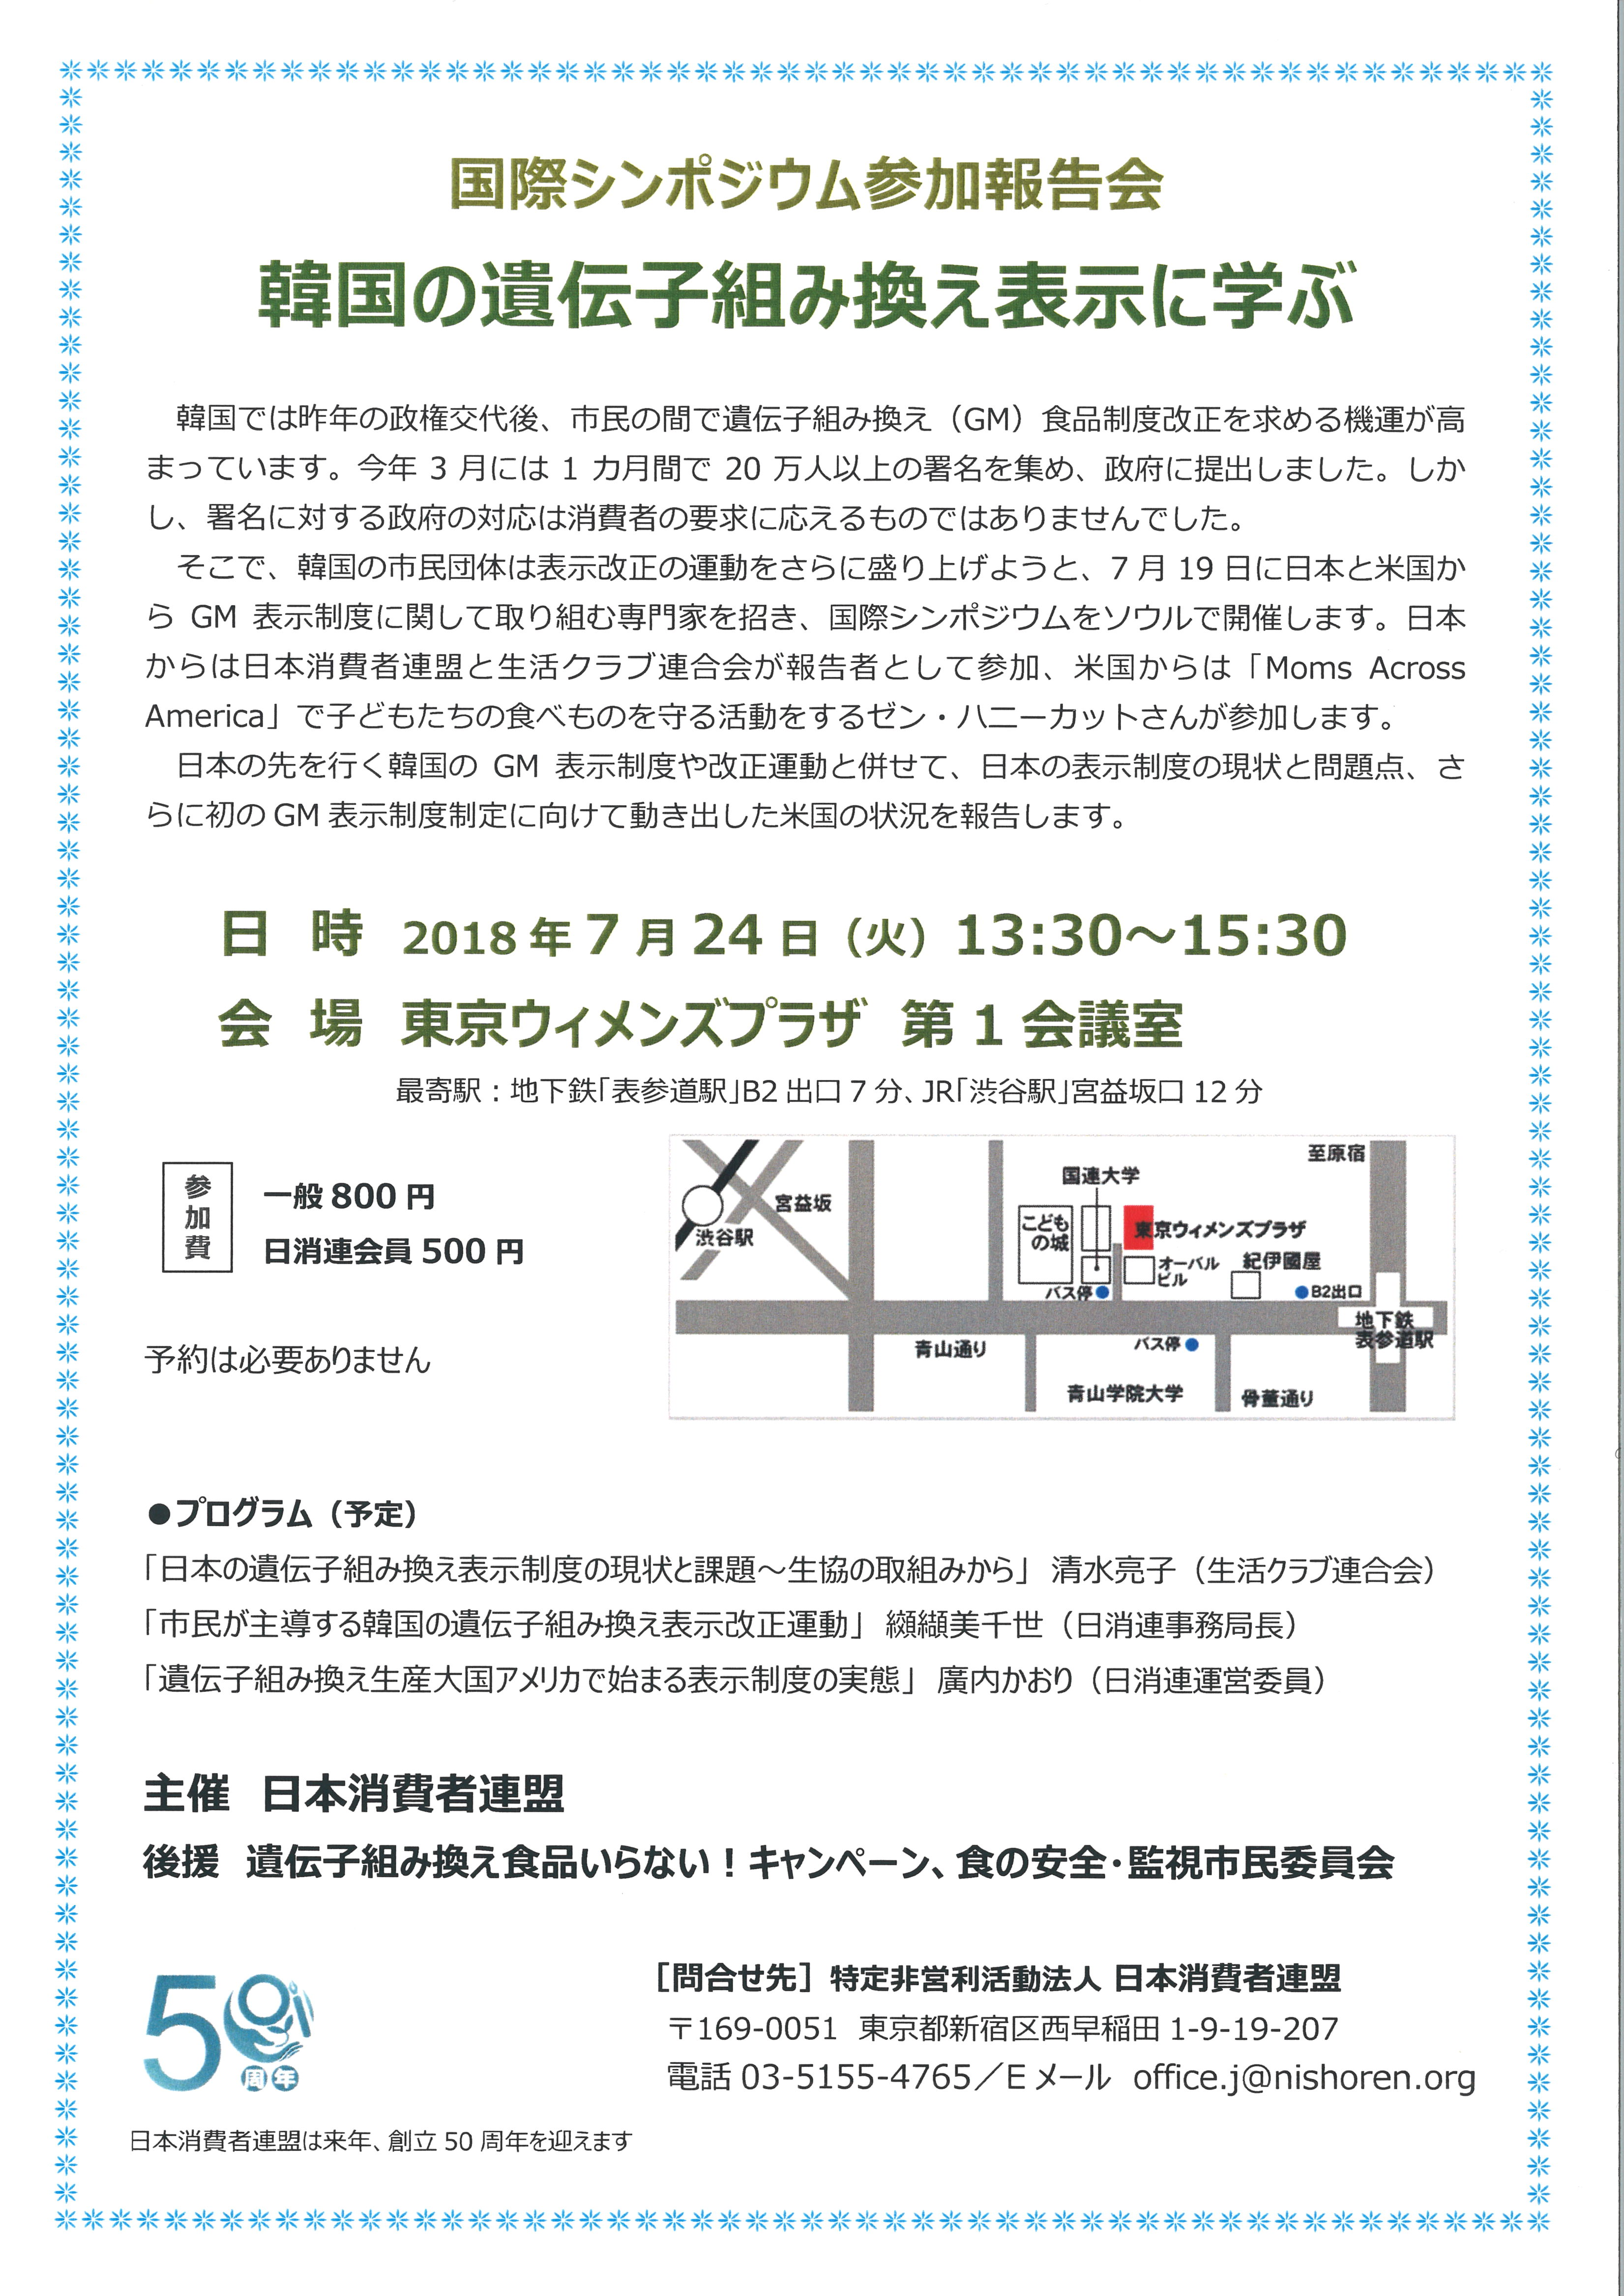 国際シンポ報告会「韓国の遺伝子組み換え表示に学ぶ」